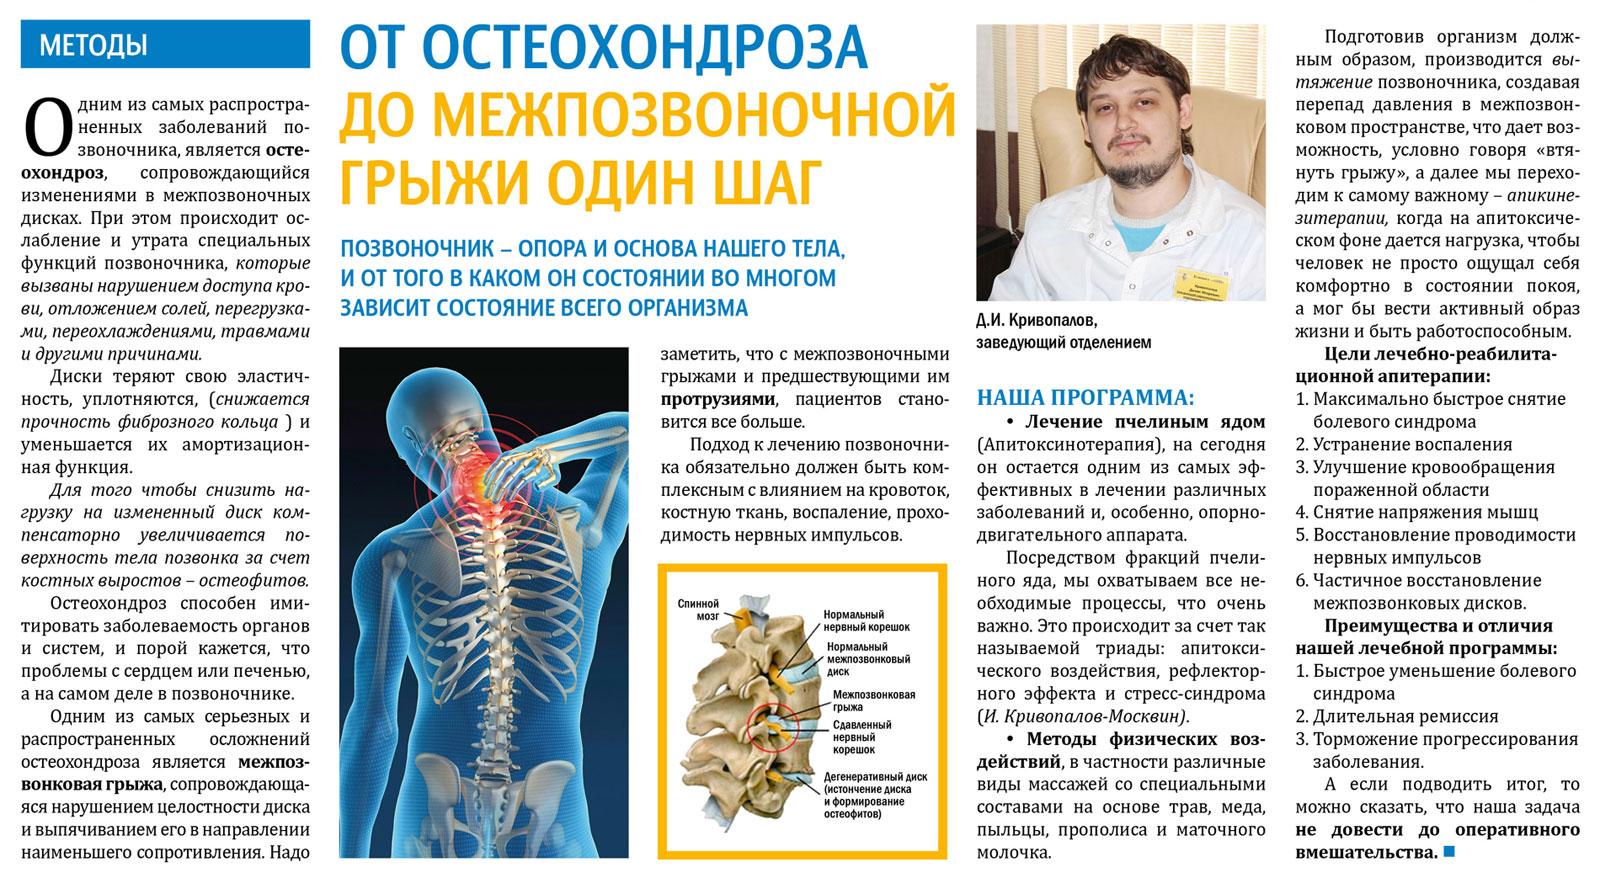 Остеохондроз грудного отдела позвоночника: симптомы и лечение, причины, стадии заболевания